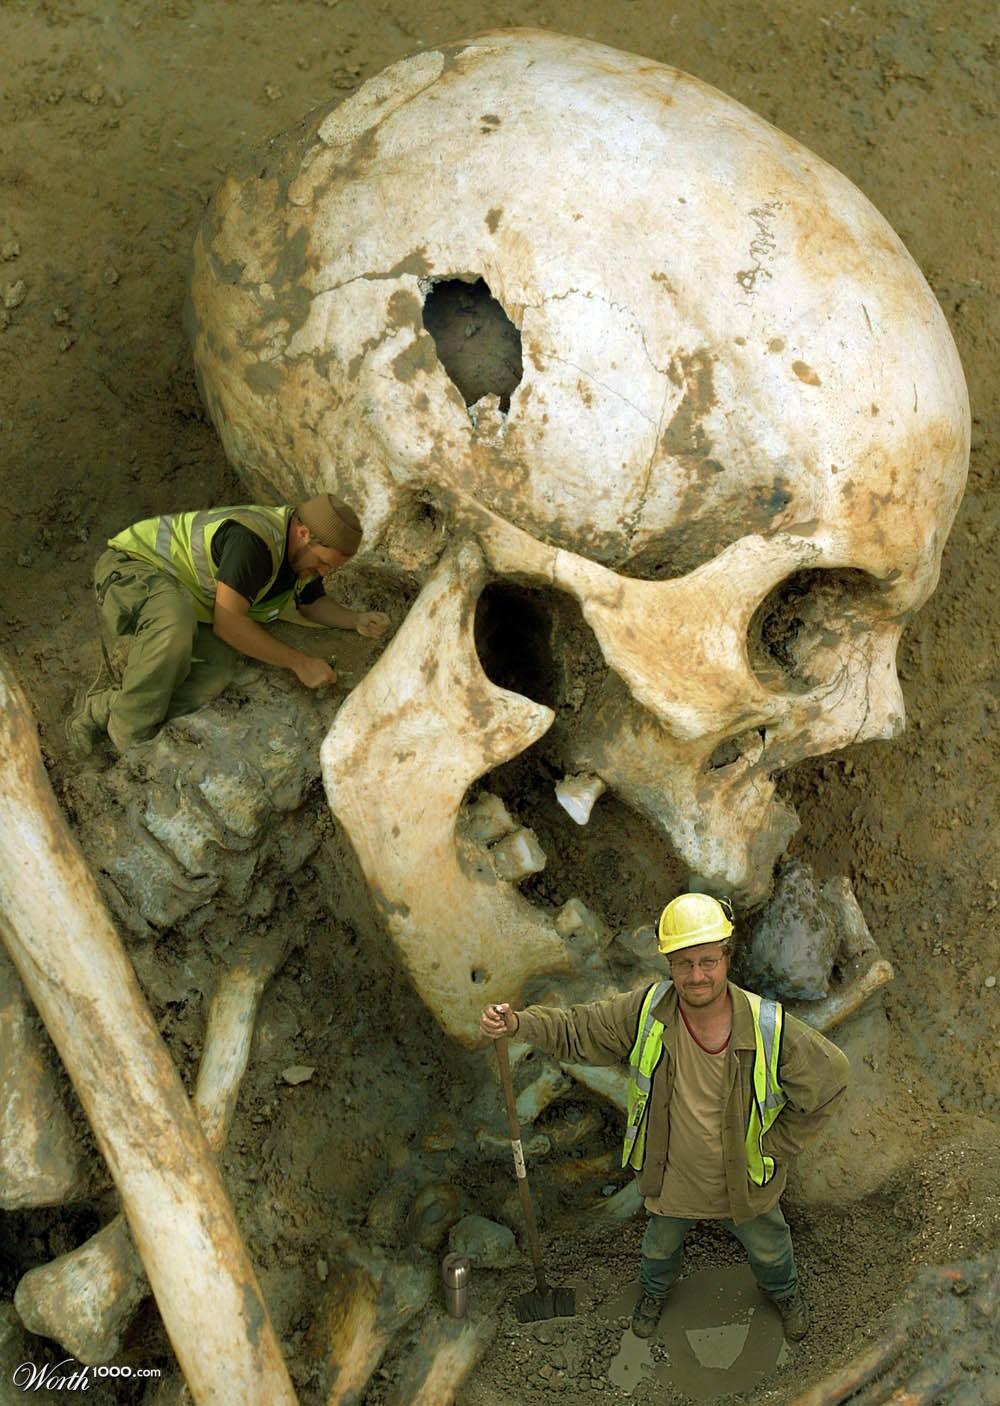 долга останки скелета 12 метров день предлагается